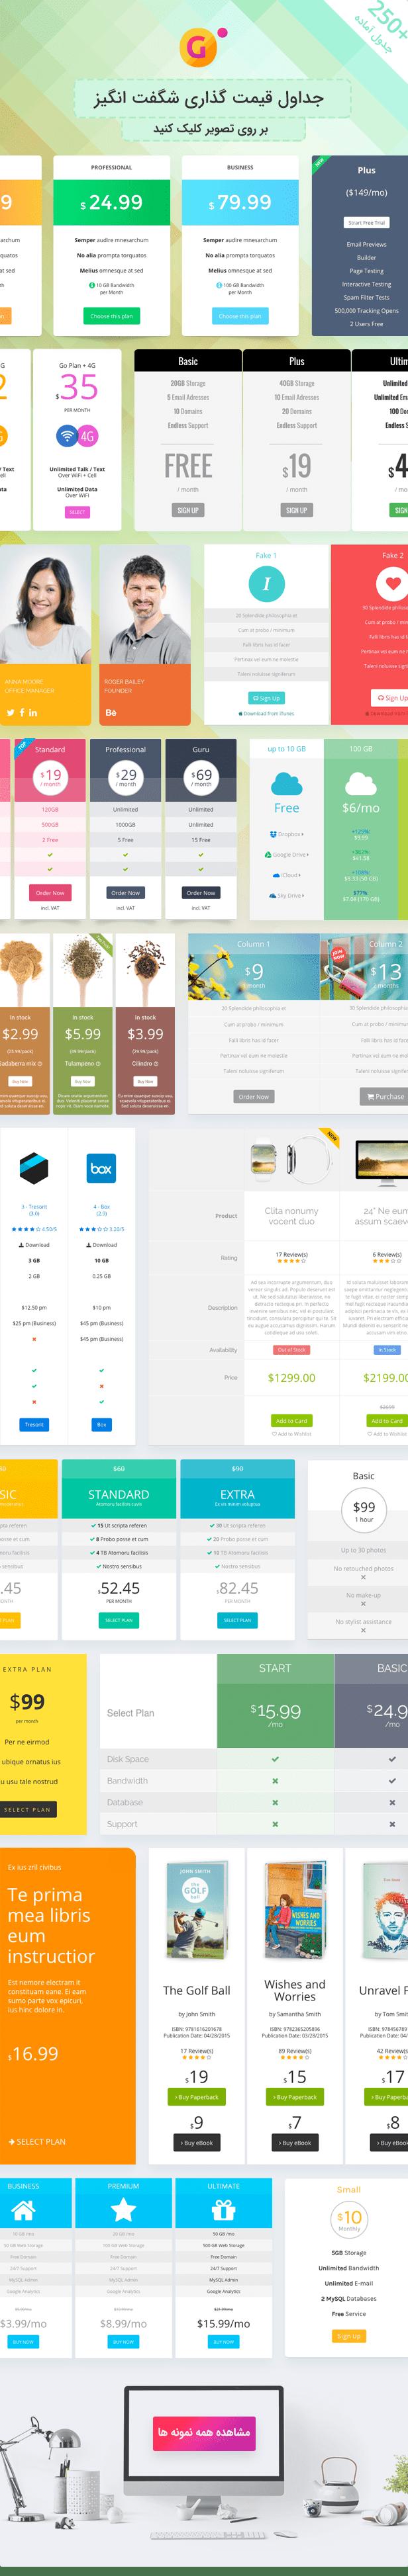 نمونه جداول افزونه Go pricing